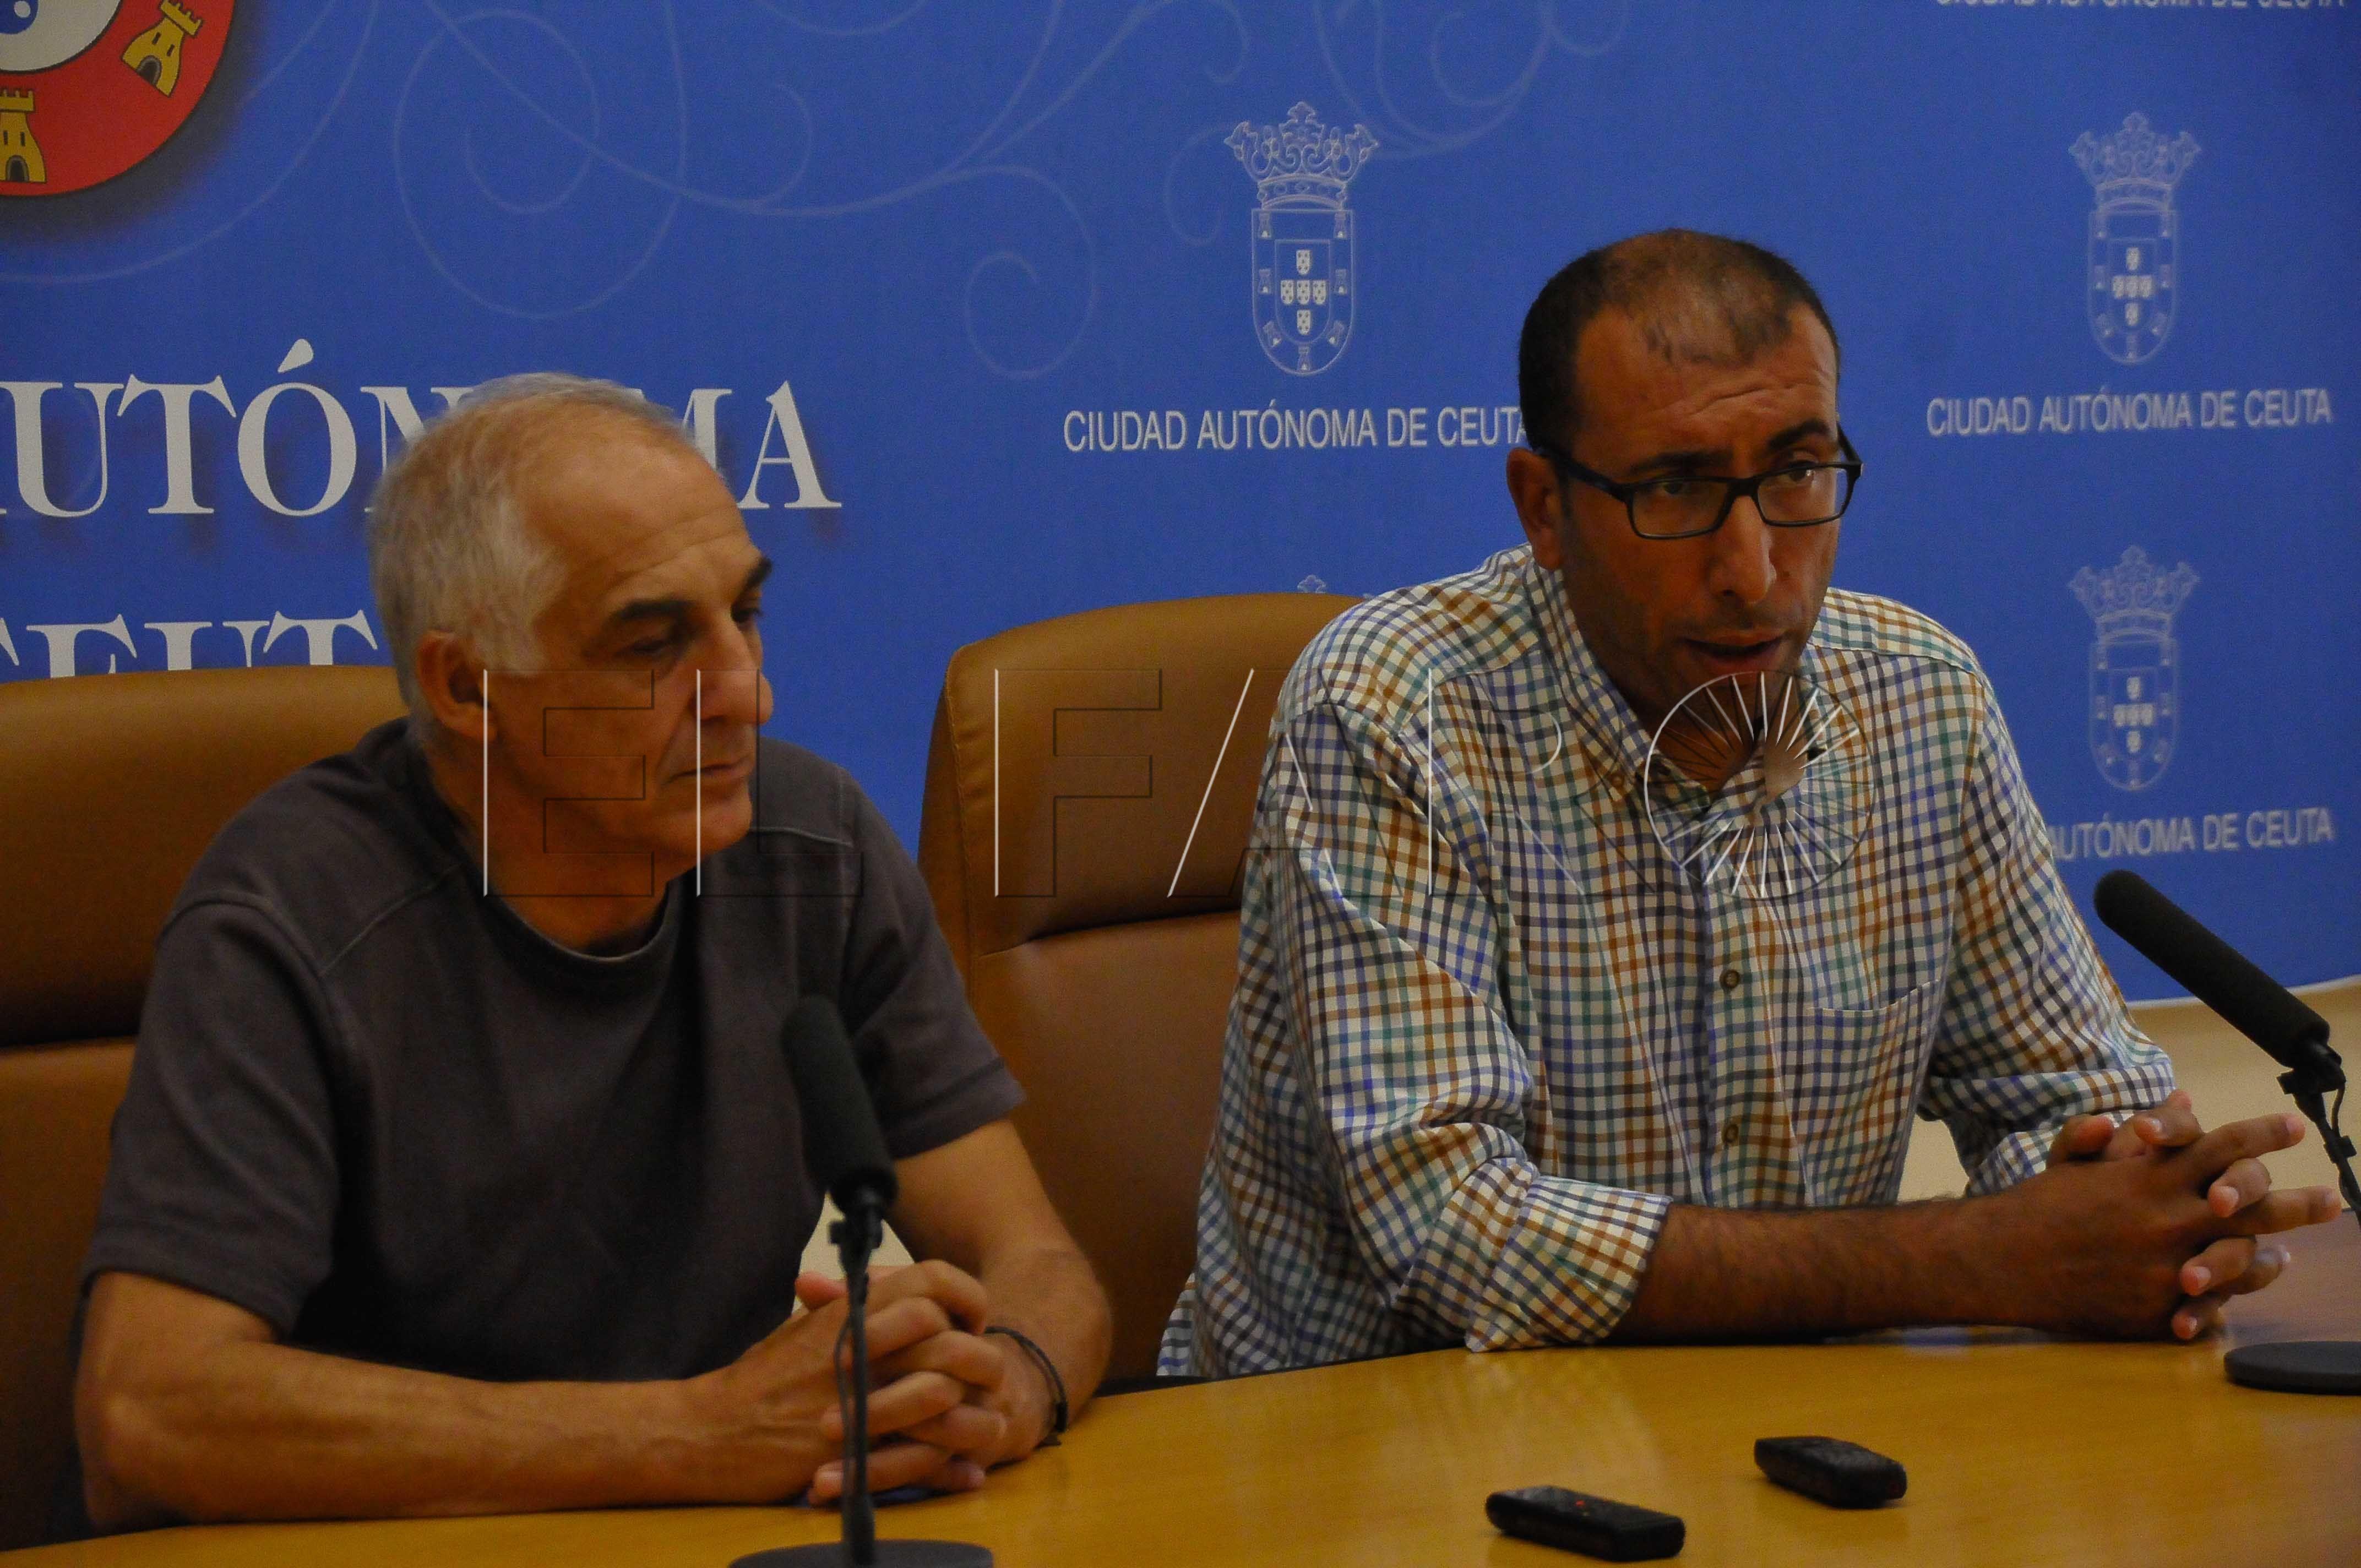 Caballas propondrá al Pleno instar al Ministerio a que implante la asignatura Religión Islámica en ESO y Bachillerato